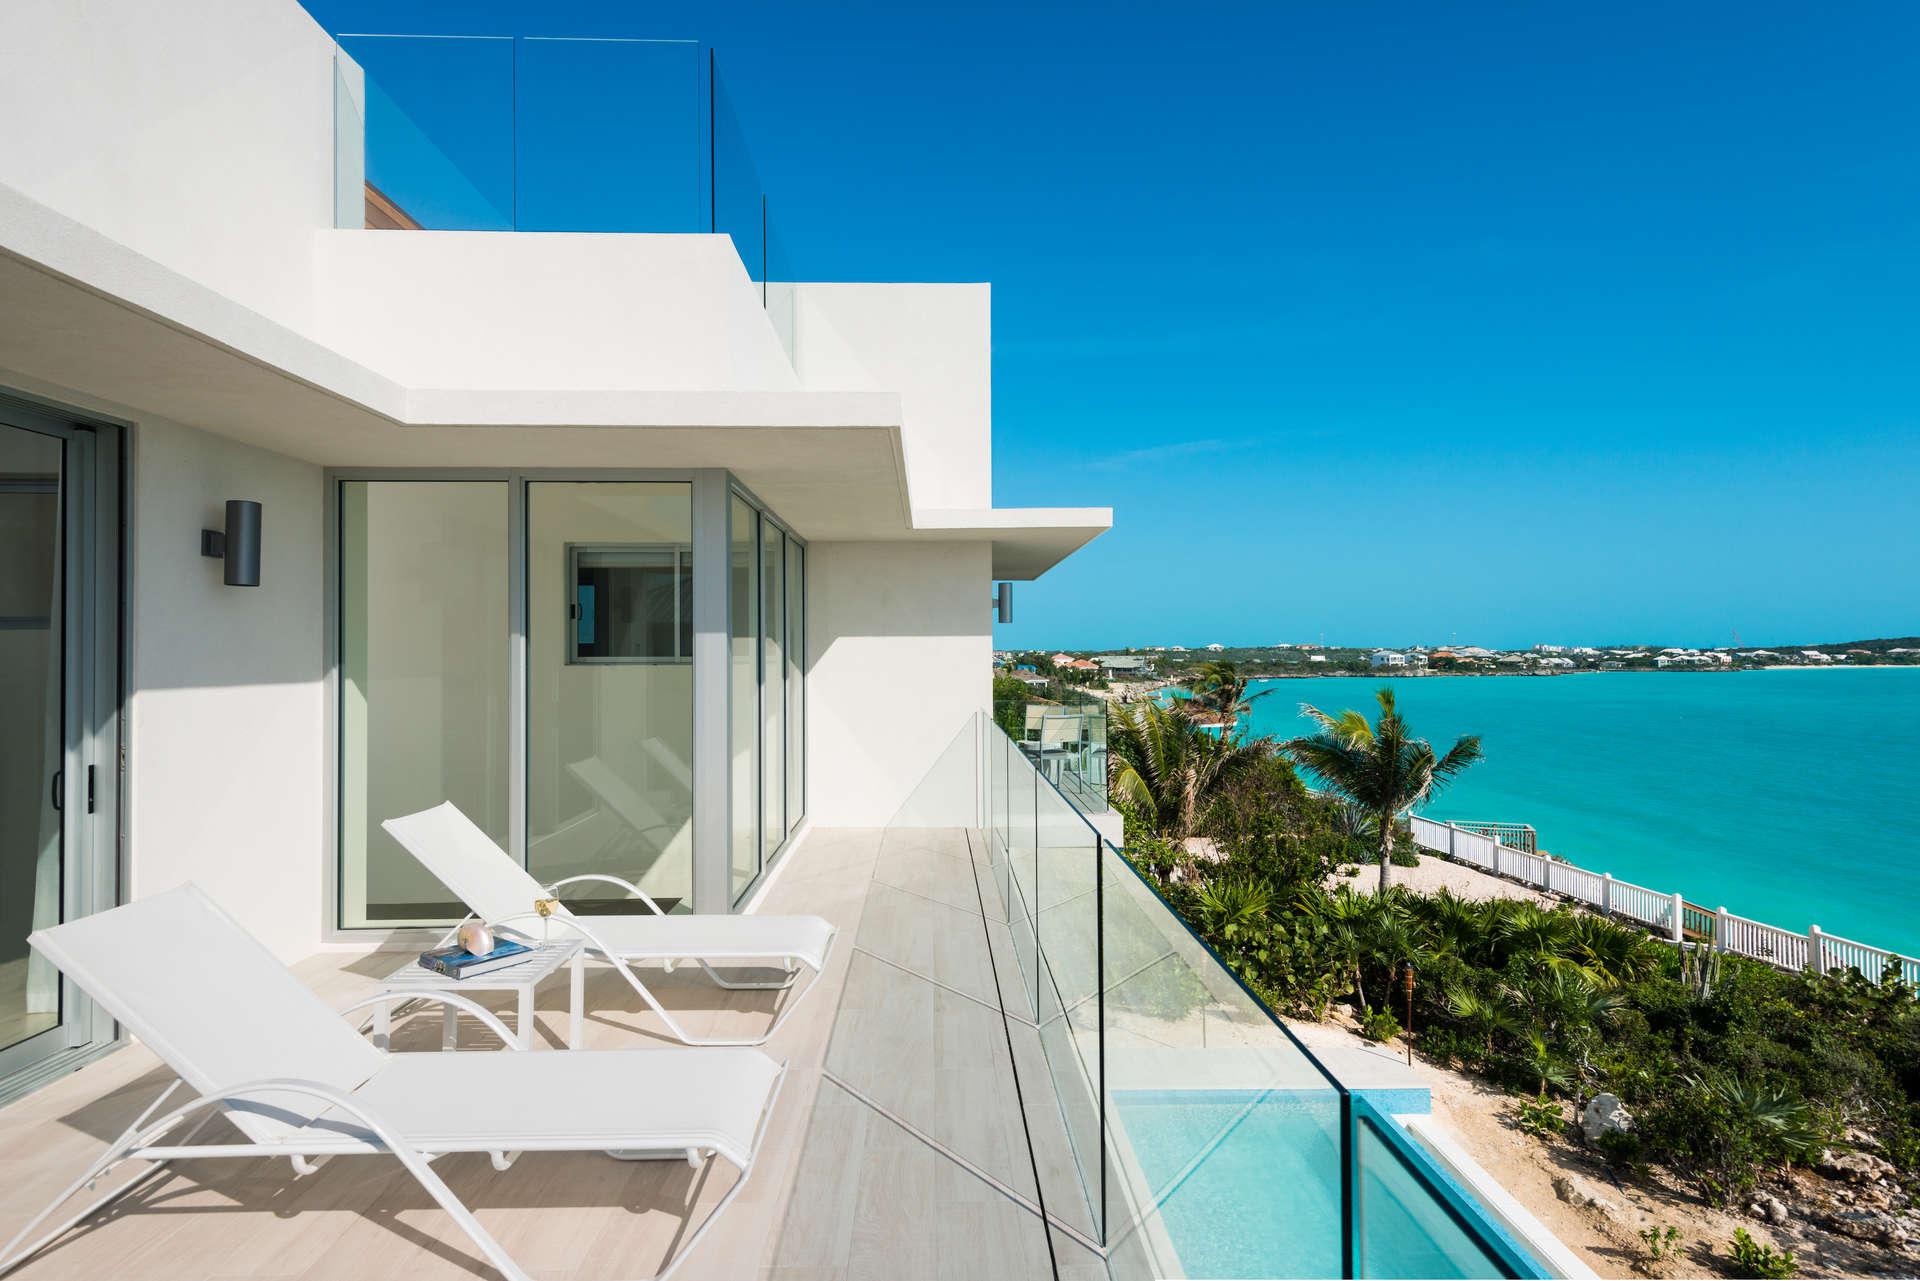 Luxury villa rentals caribbean - Turks and caicos - Providenciales - Oceanpoint - Villa Sol y Luna - Image 1/21